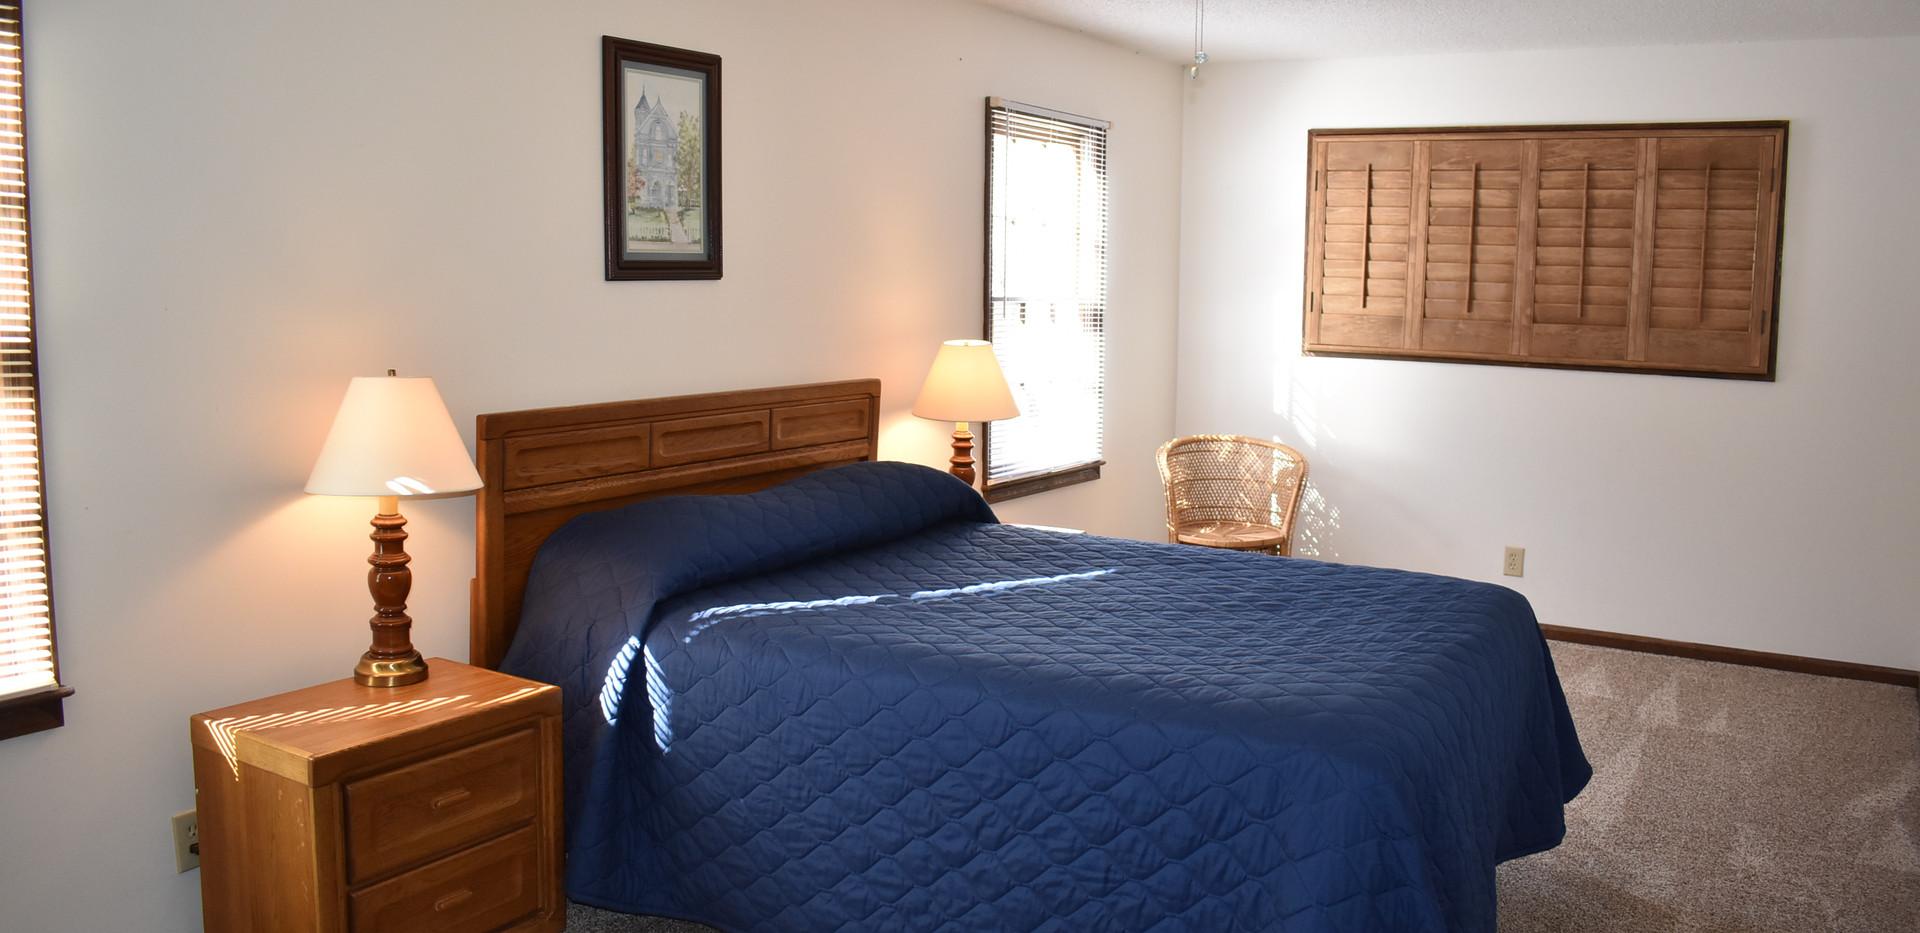 Fife Bridge - 3 BR - Bedroom 1